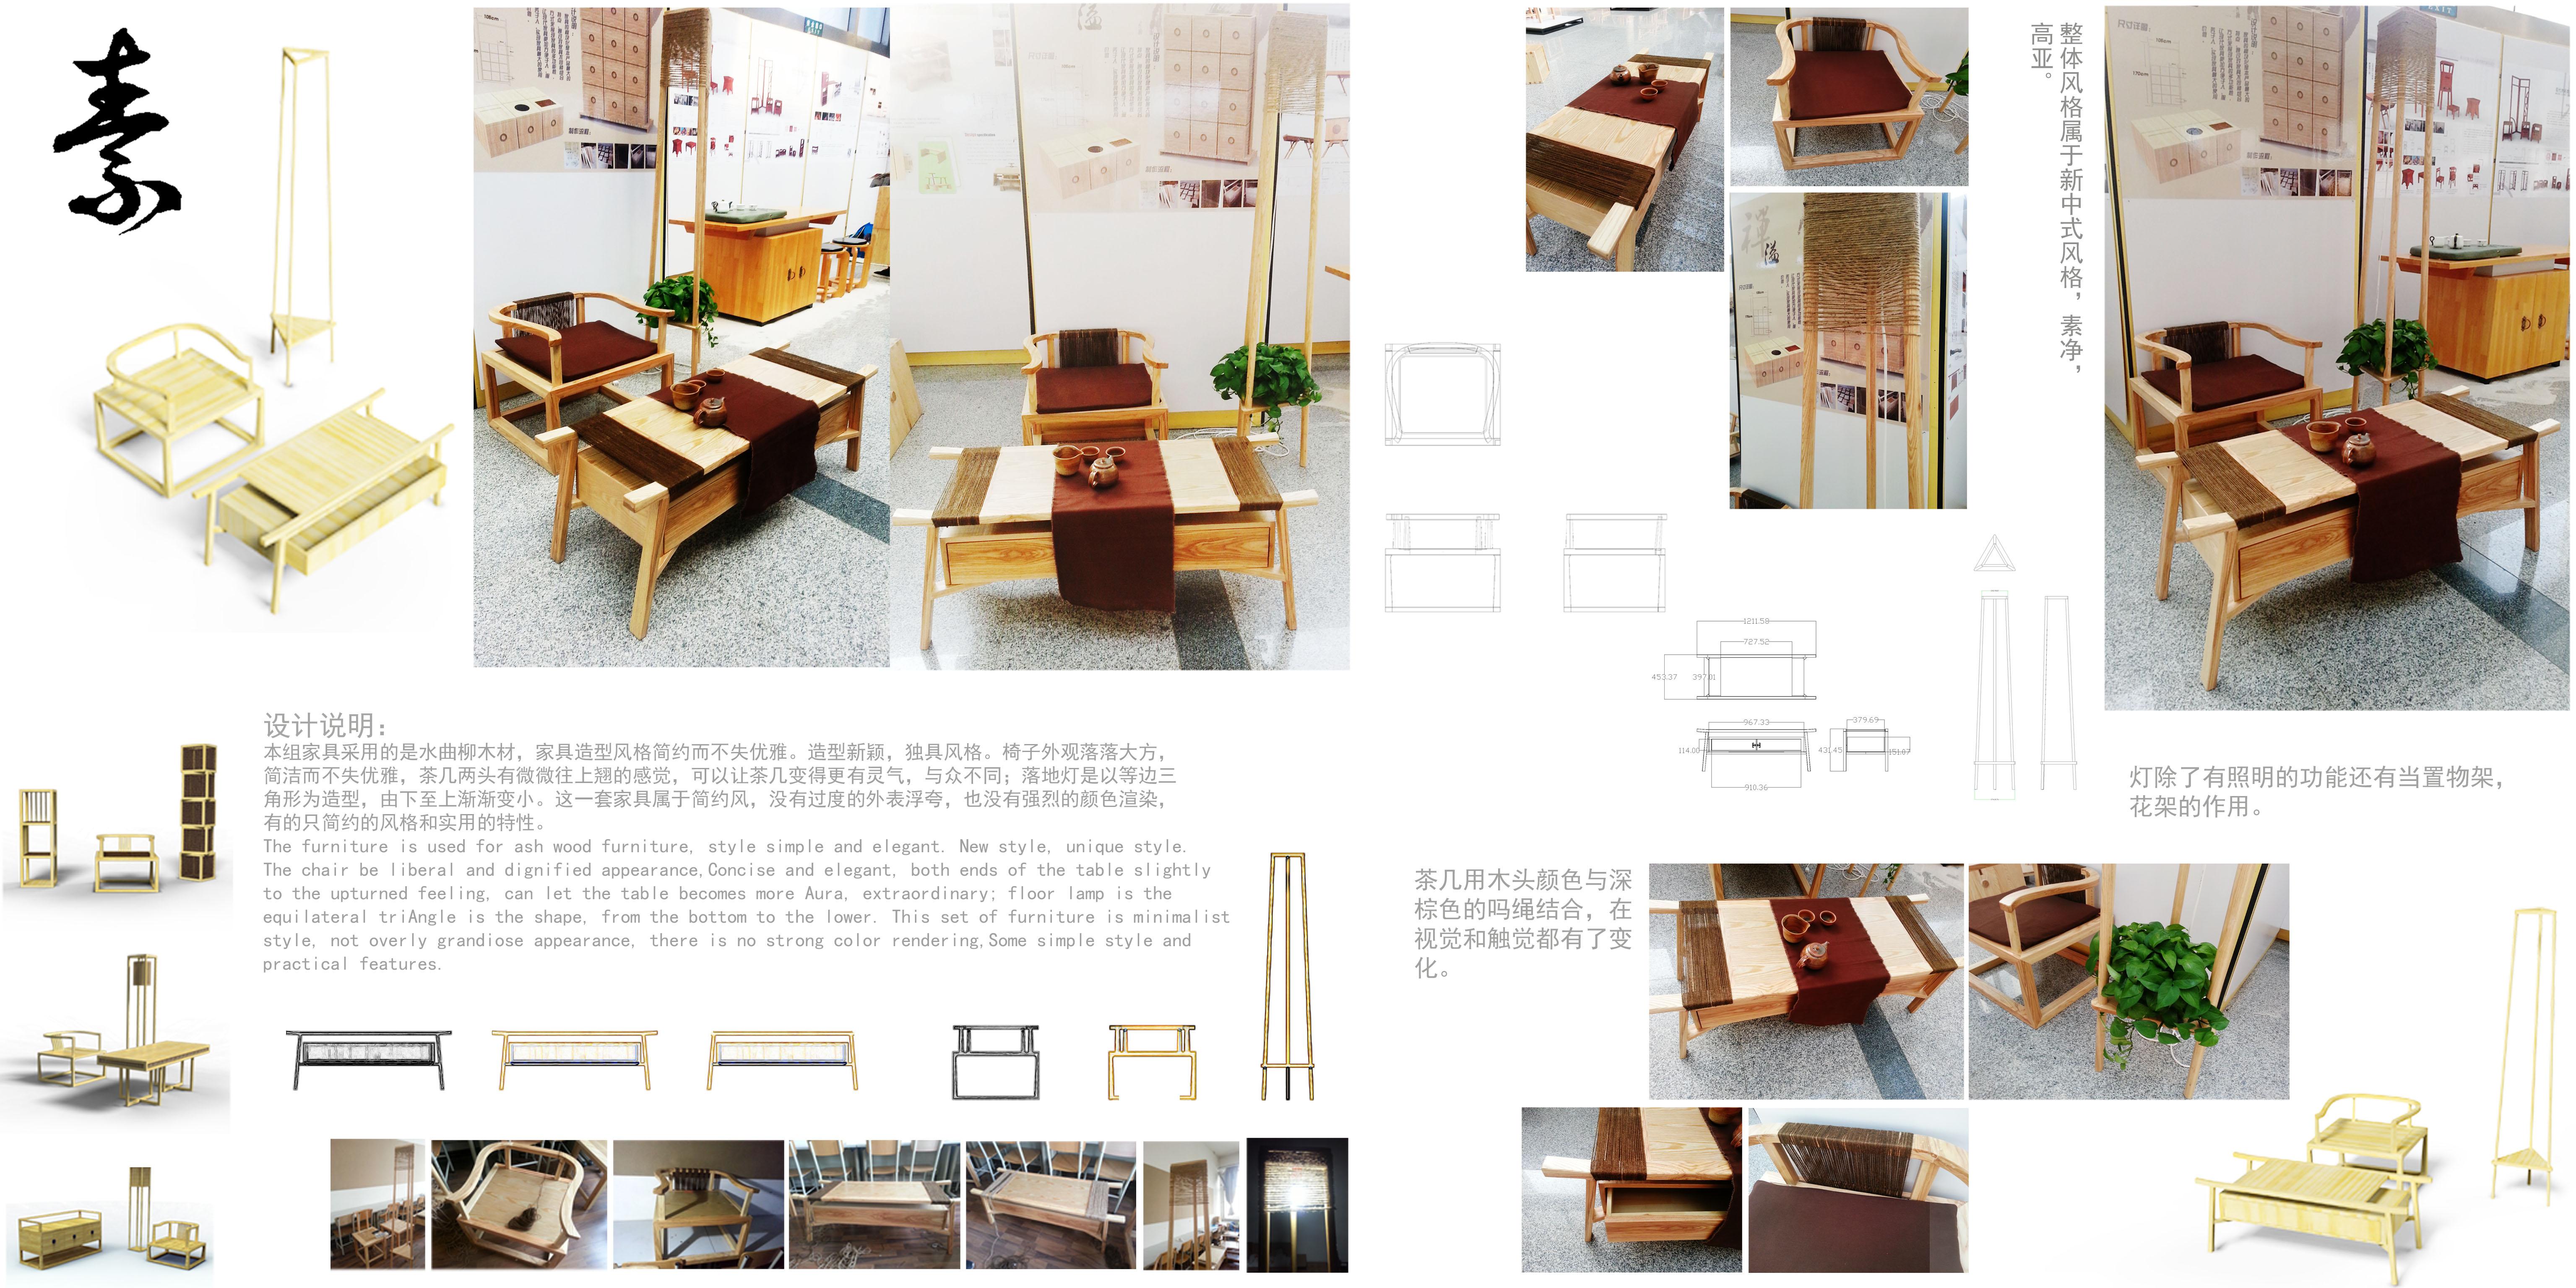 家具设计-1-